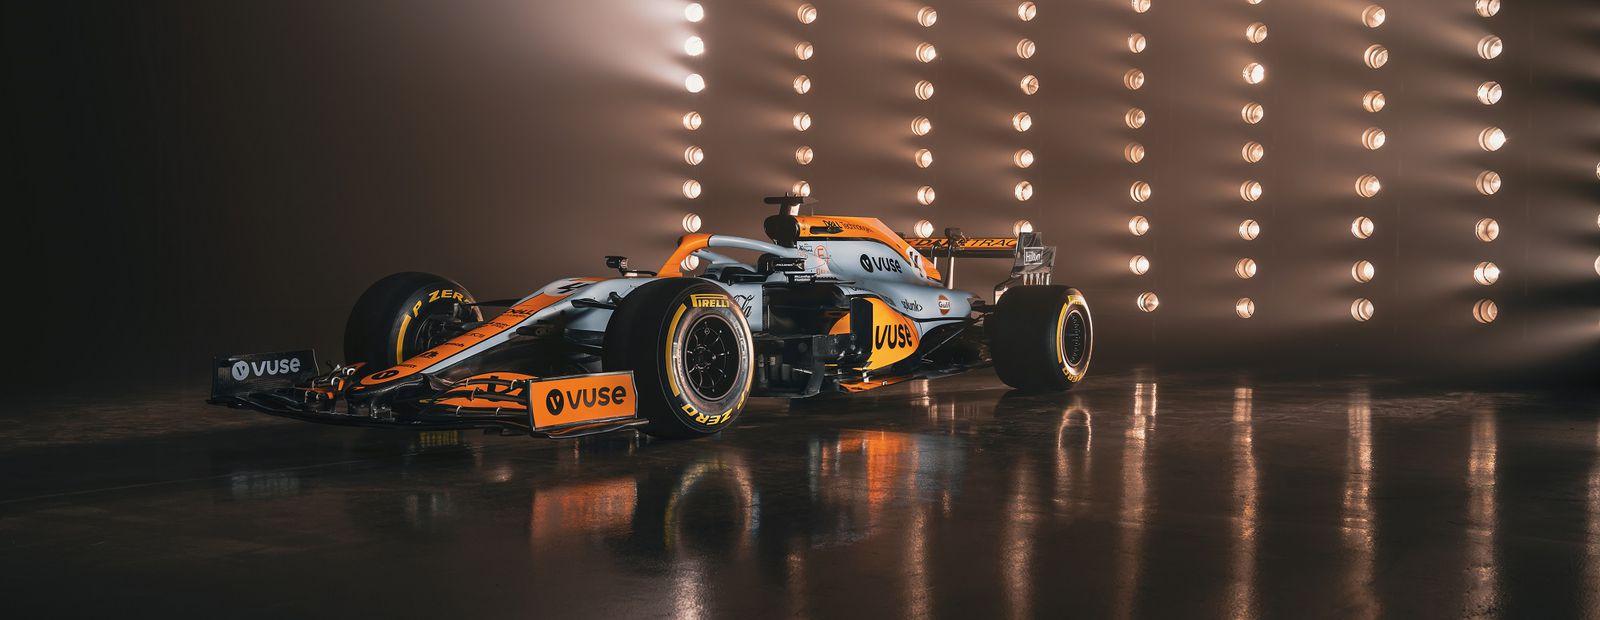 Monaco GP livery reveal